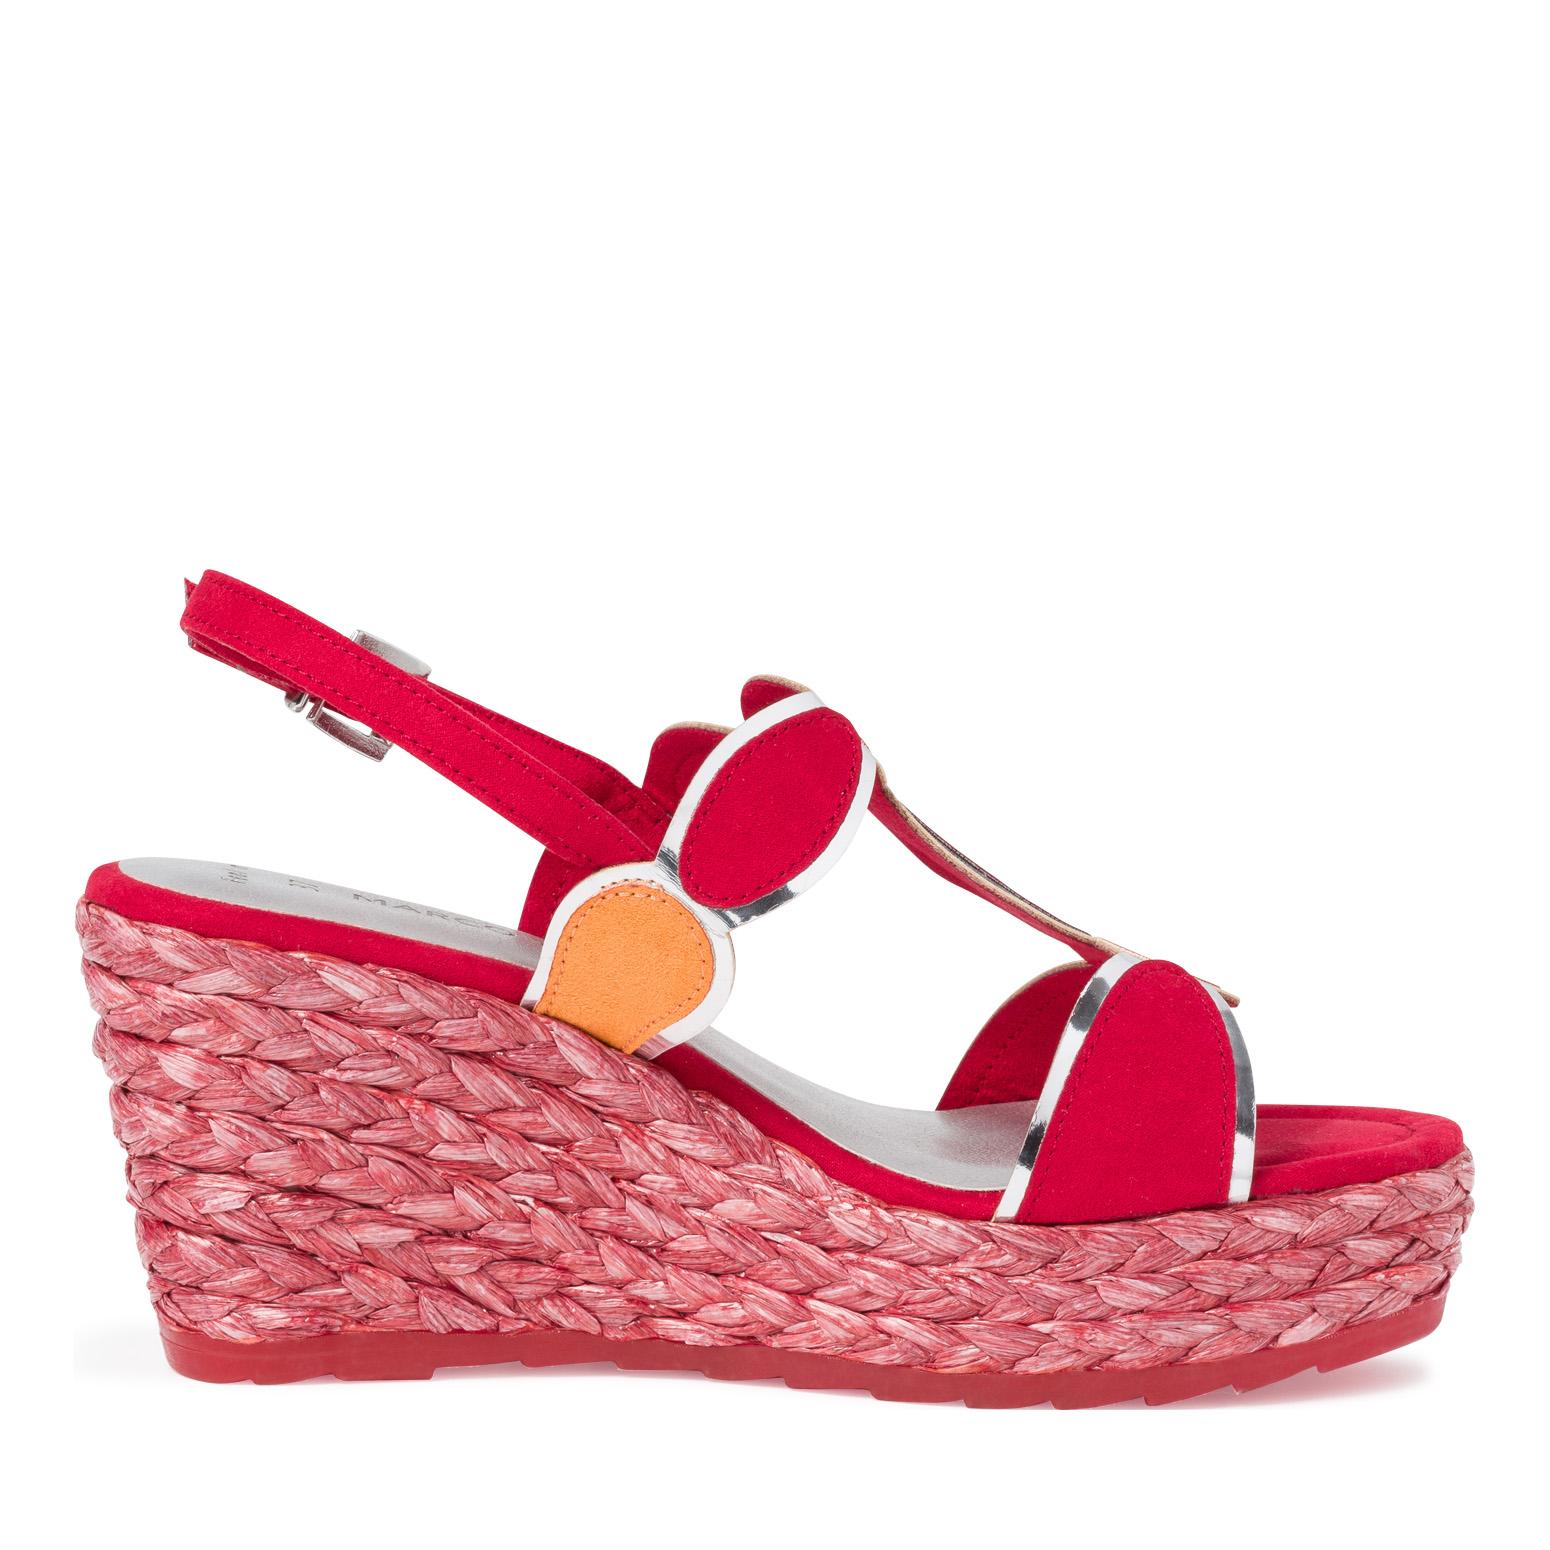 Marco Tozzi 2-28373-34 Dames Romains Sandales Sandale Escarpins Red Comb Rouge